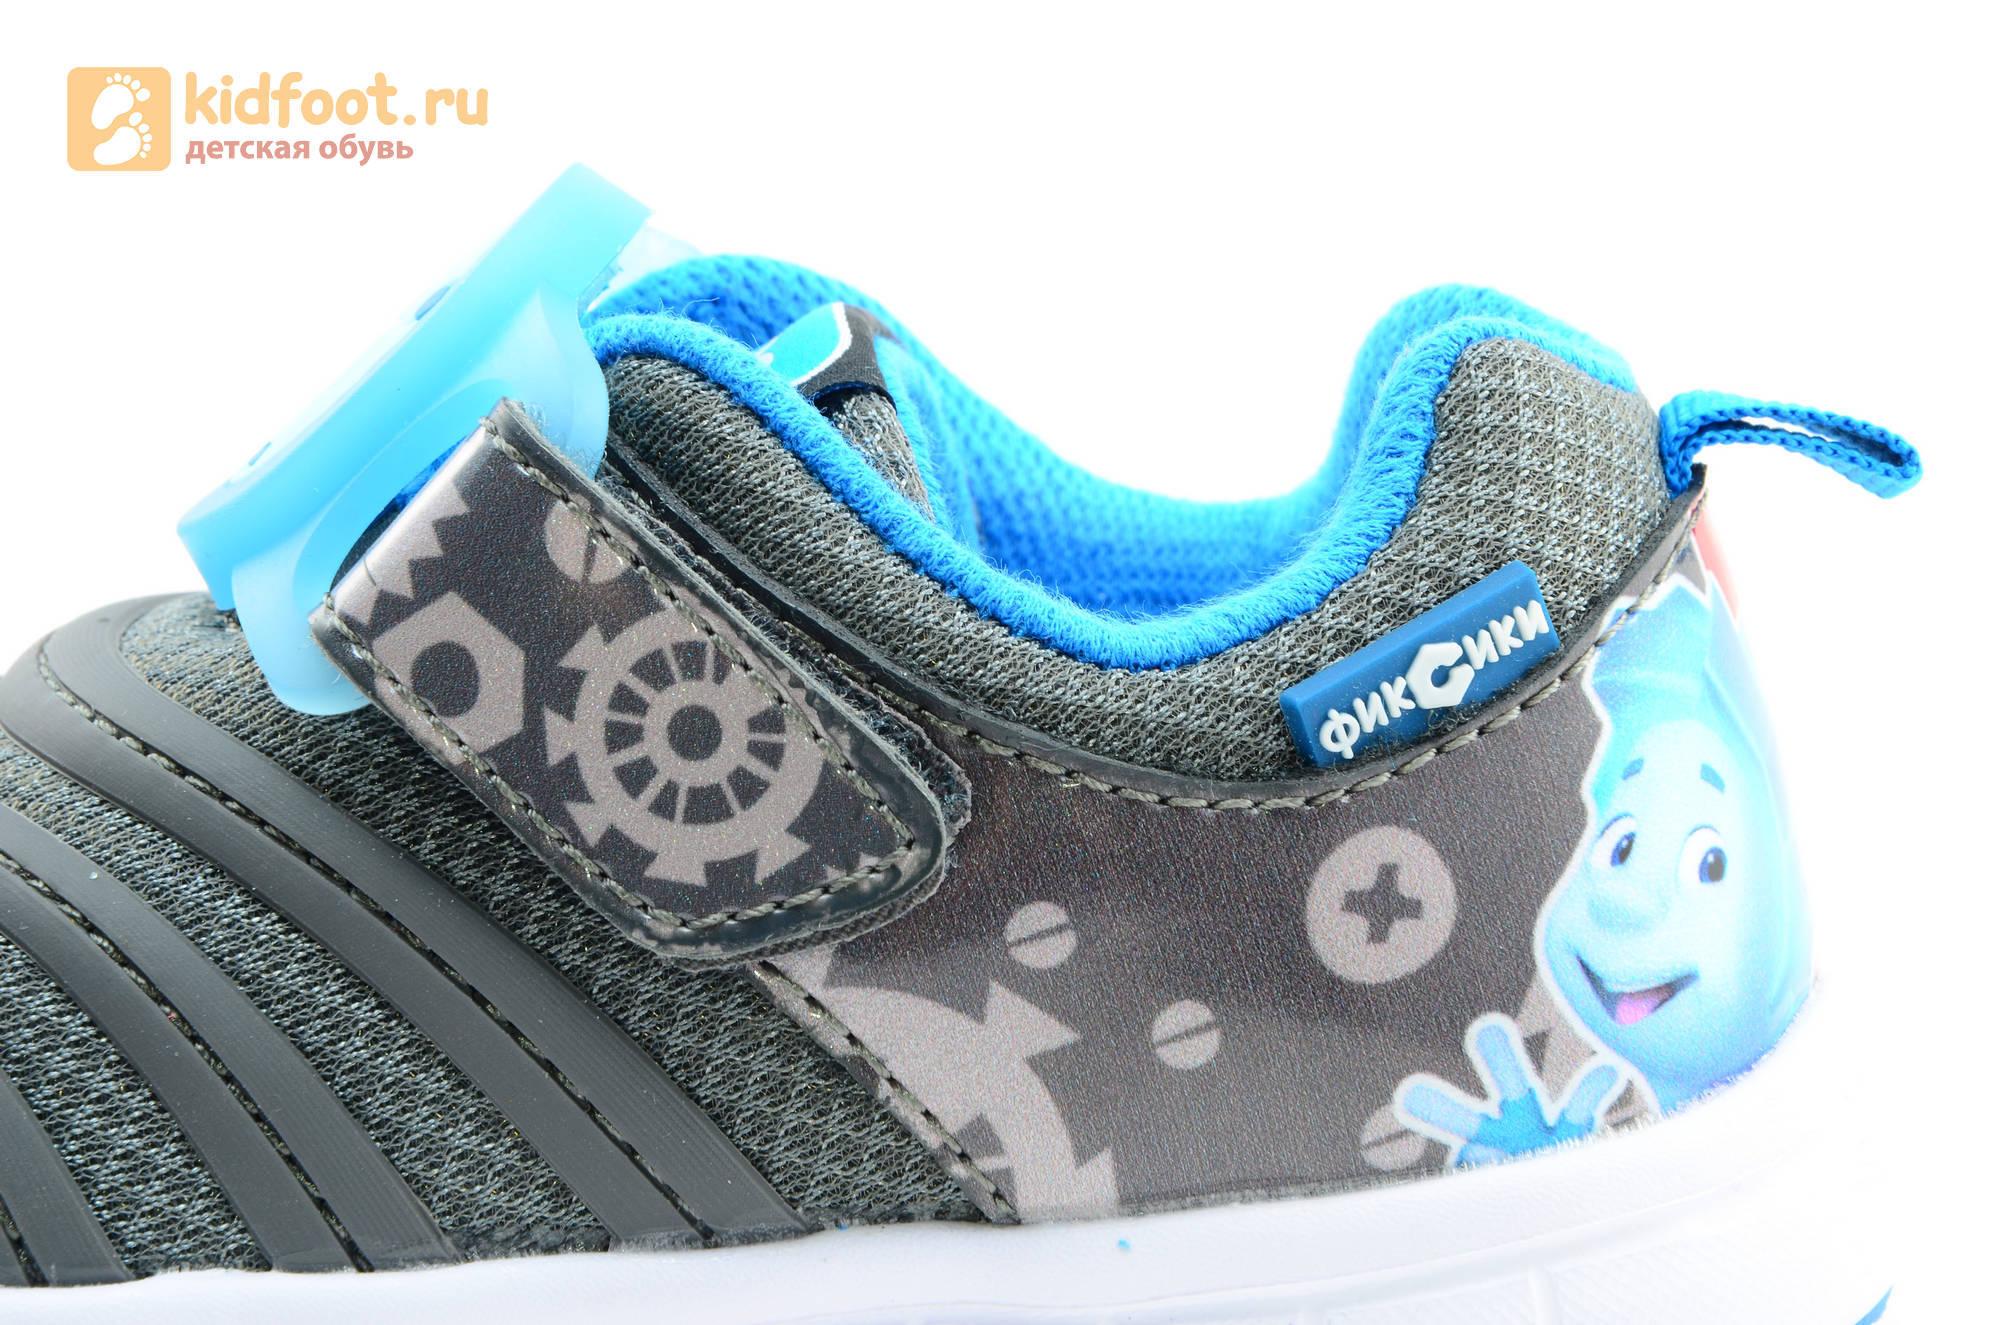 Светящиеся кроссовки для мальчиков Фиксики на липучках, цвет темно серый, мигает пряжка на липучке